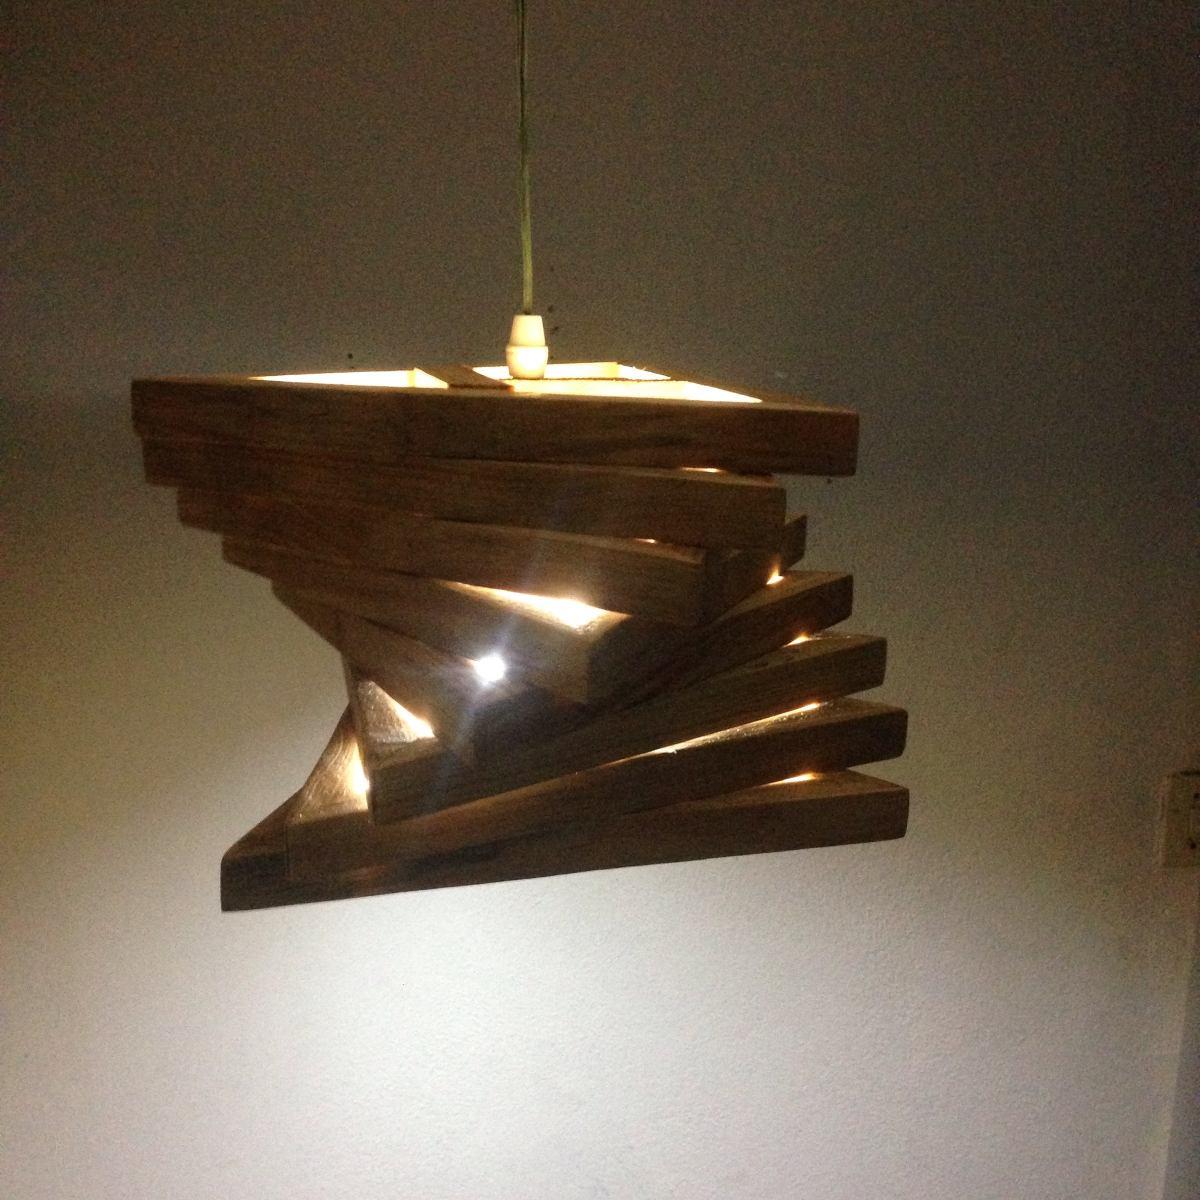 Como hacer una lampara de techo moderna interesting - Como hacer una lampara de techo moderna ...